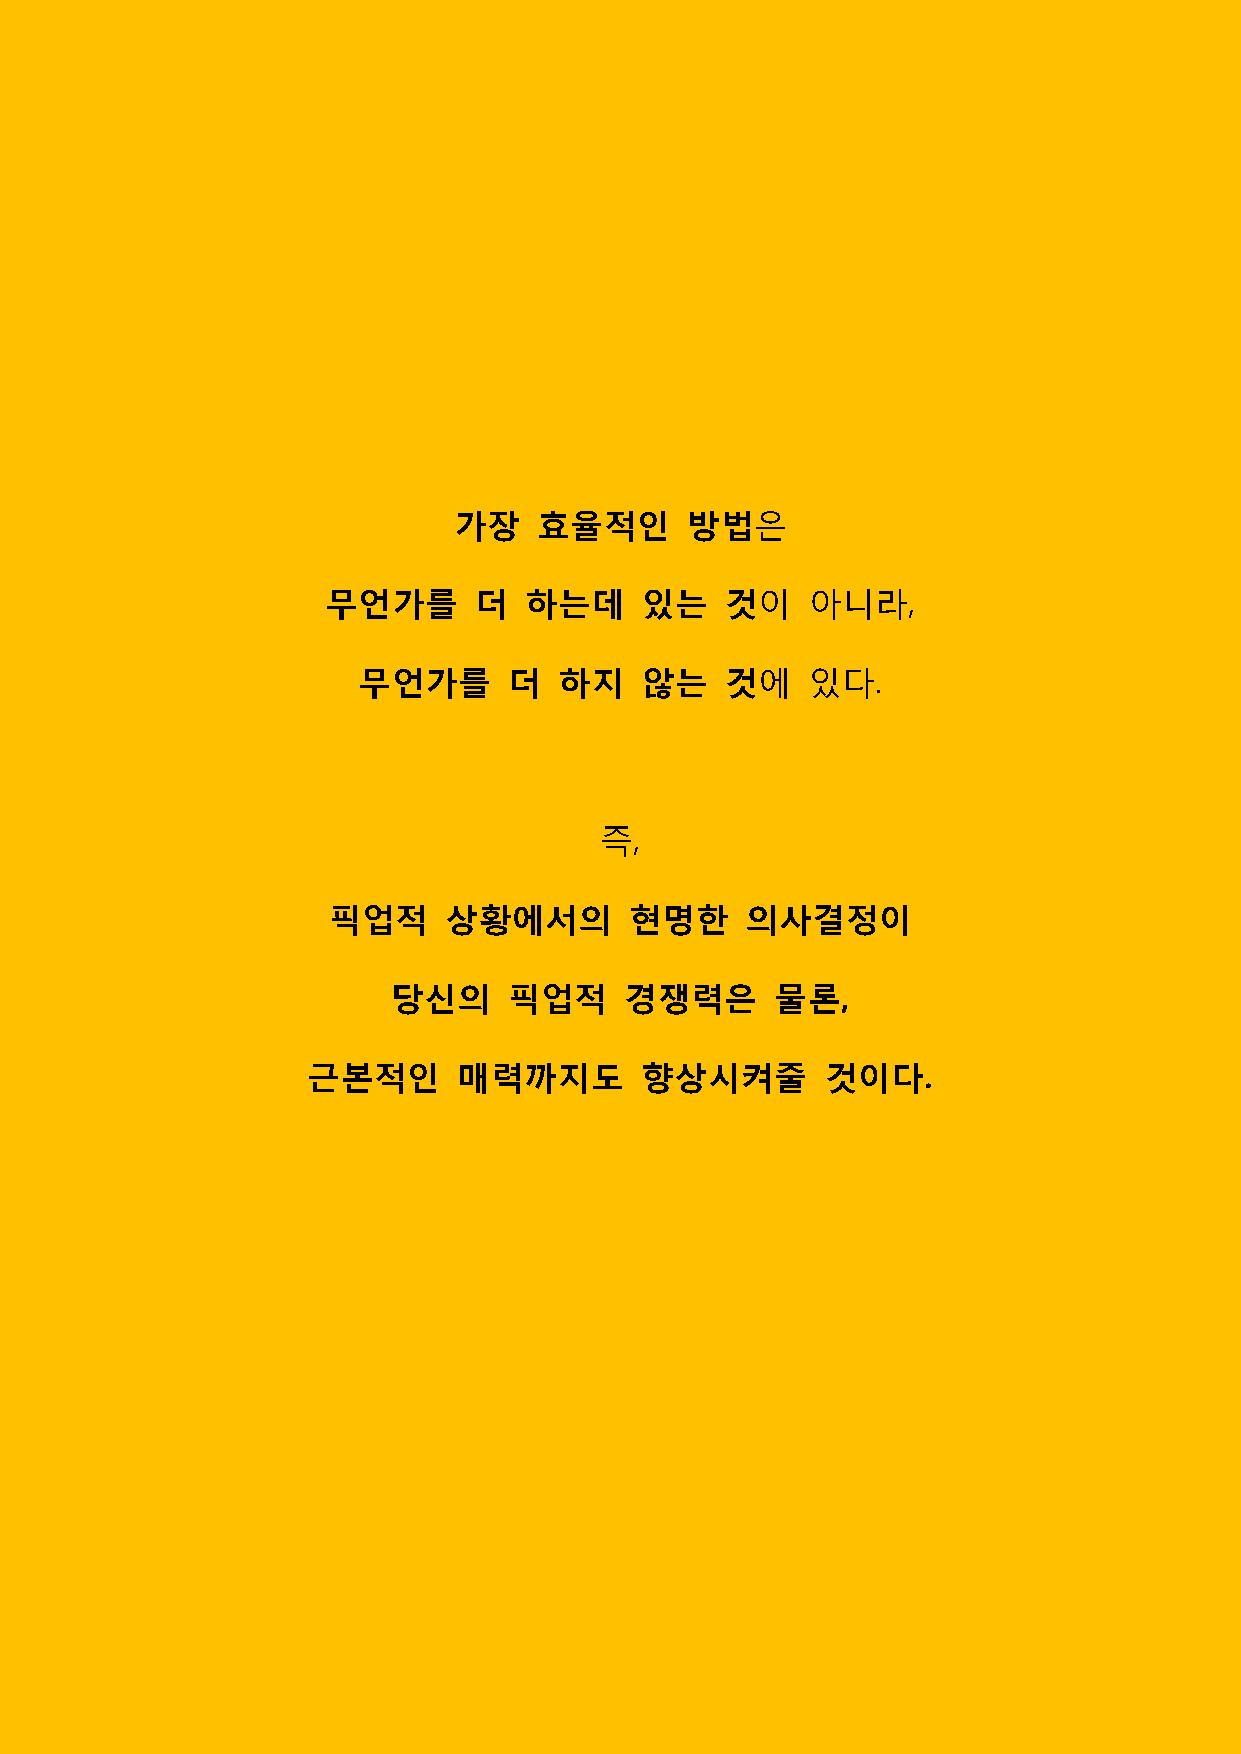 라이트닝_Page_19.png